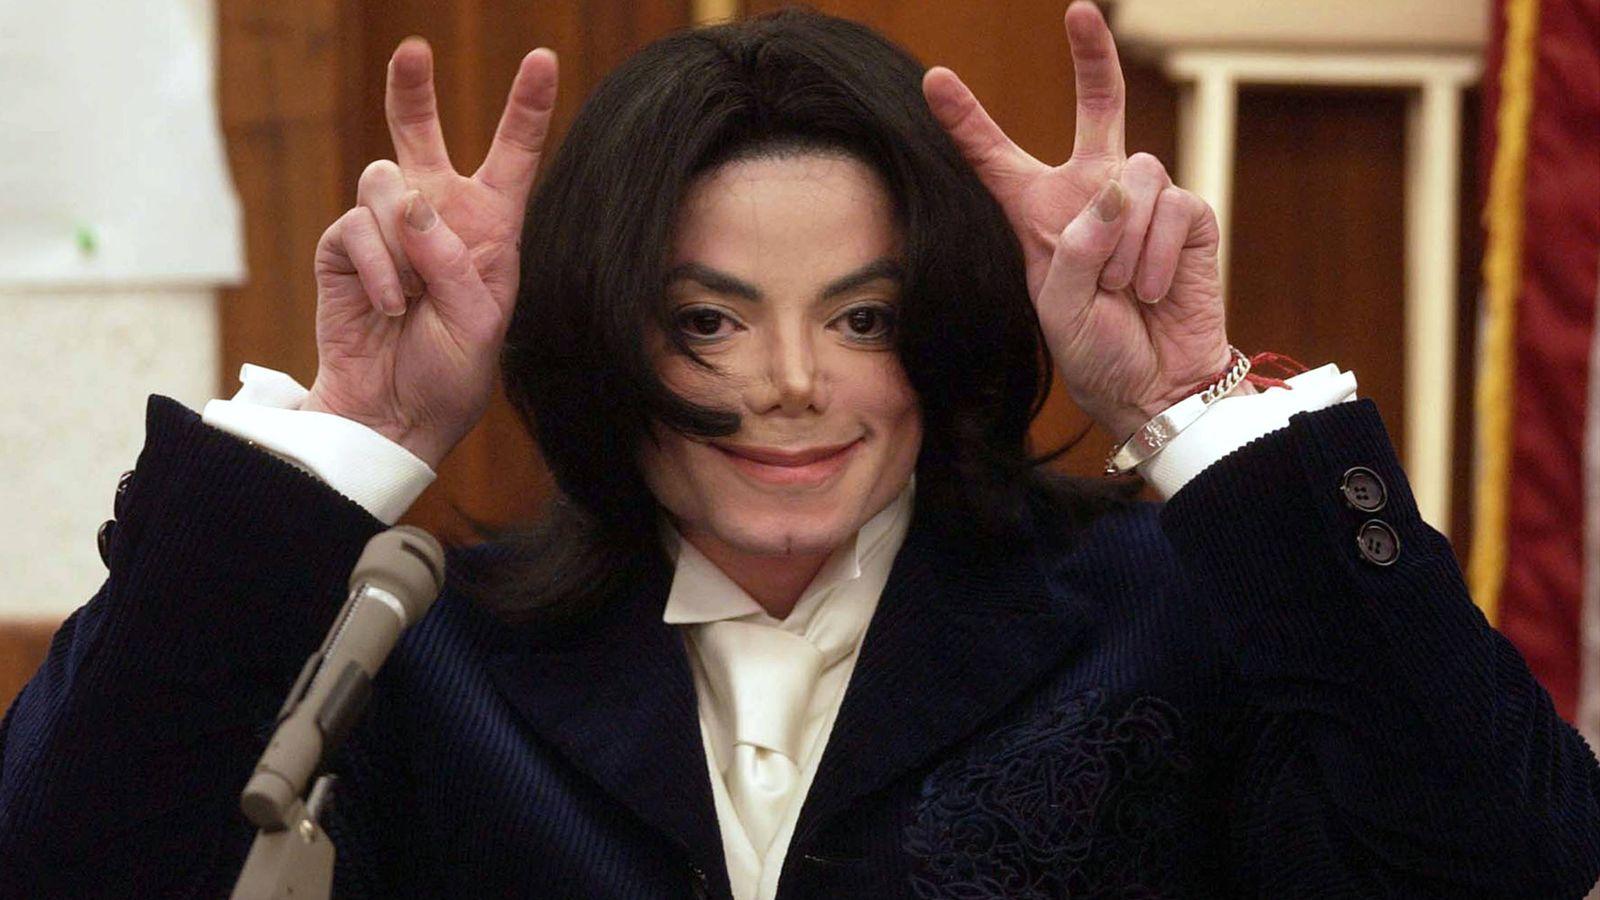 Foto: Michael Jackson testificando en un juicio. (Getty)